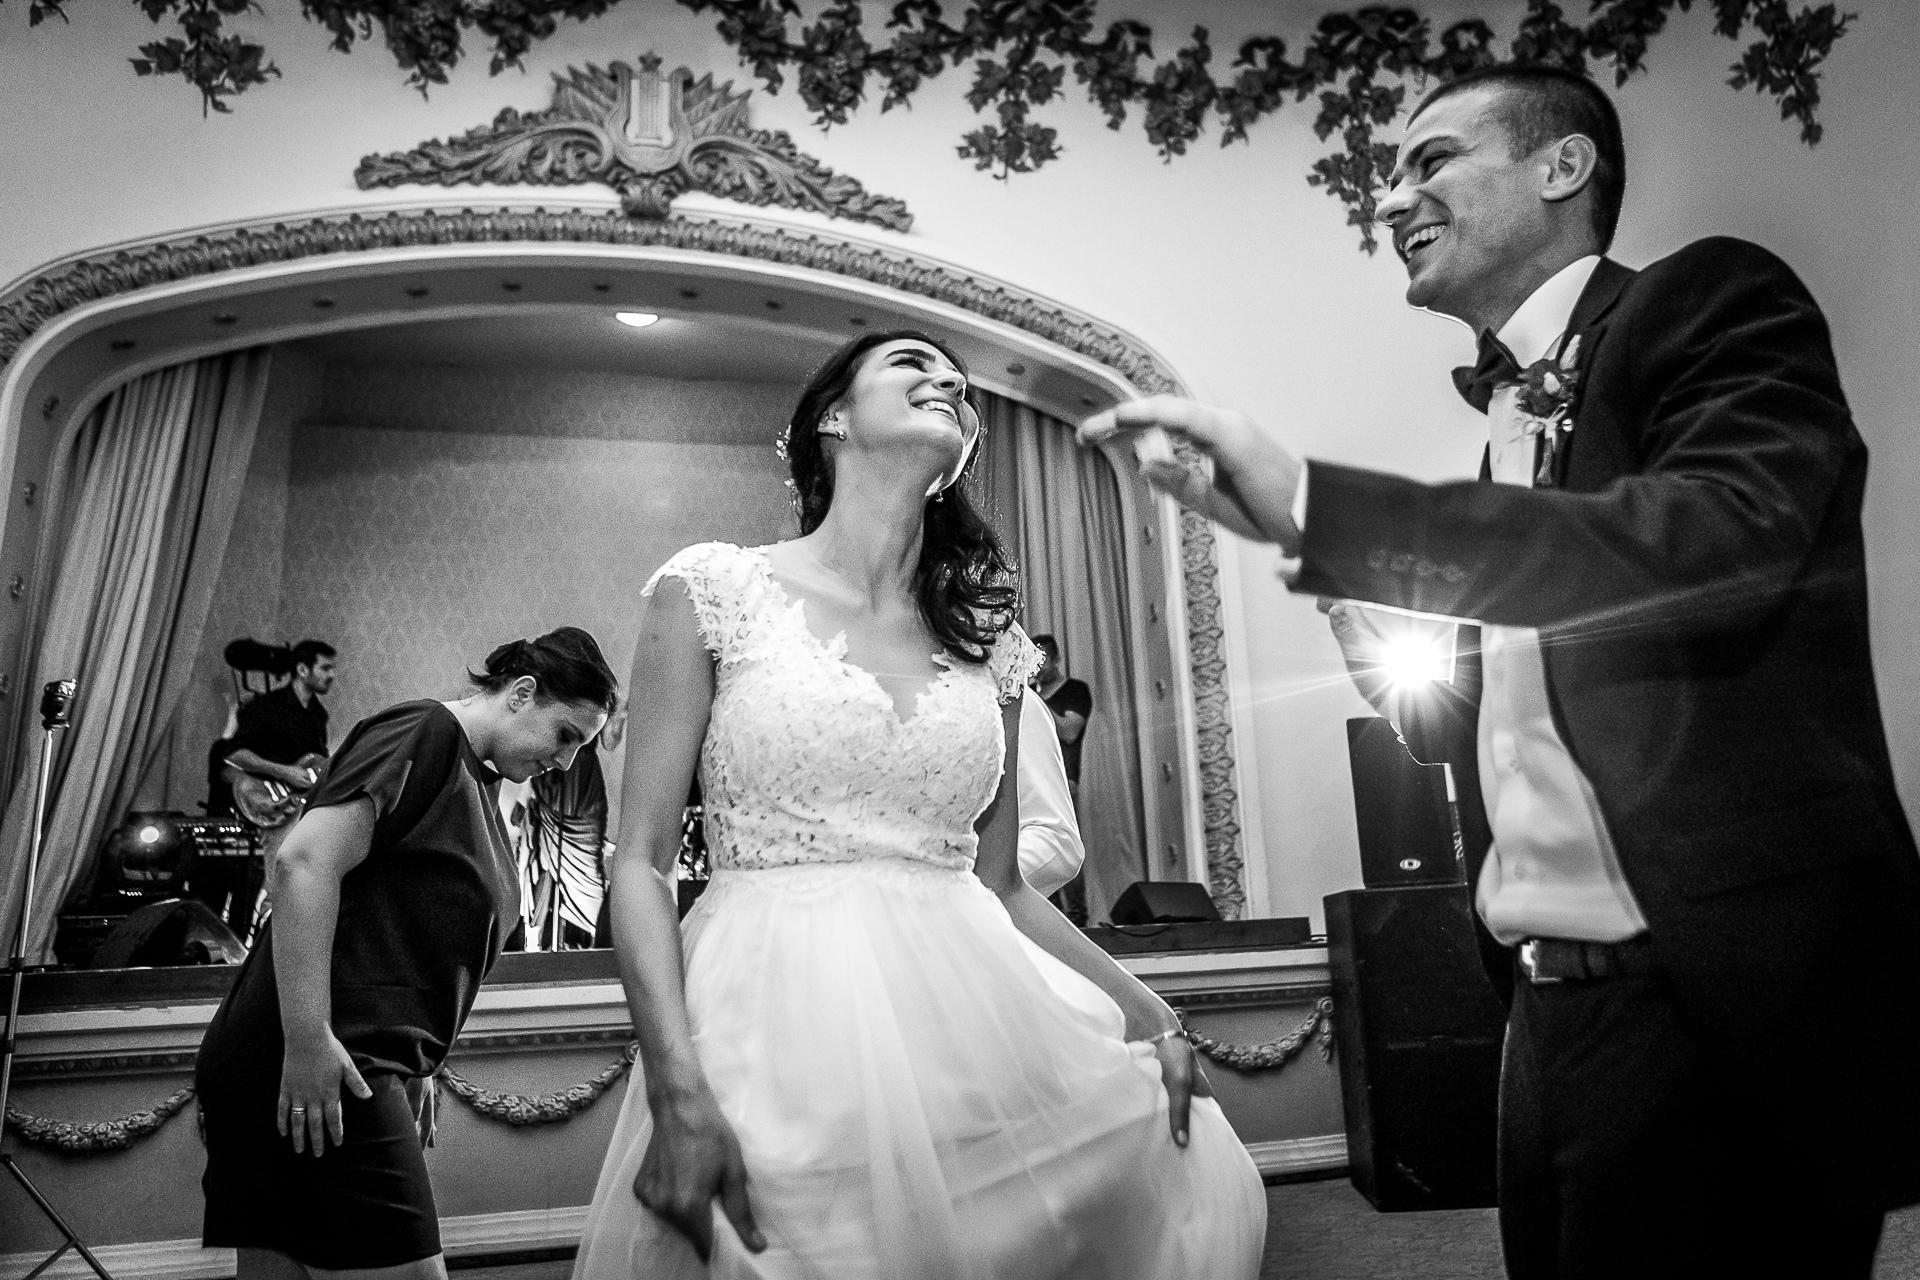 nuntă Salon Elisabeta - Elena şi Costin - Mihai Zaharia Photography - 062